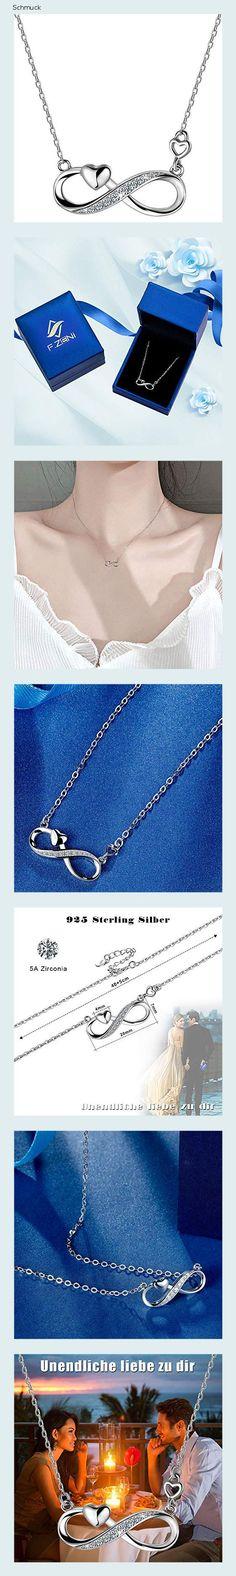 F.ZENI Damen Kette 925 Sterling Silber Unendlichkeit Kette Funkeln Kubisches Zirkonia Liebe für Immer Kette für Frauen Mädchen Schmuck Geschenk mit Geschenkbox - 14he